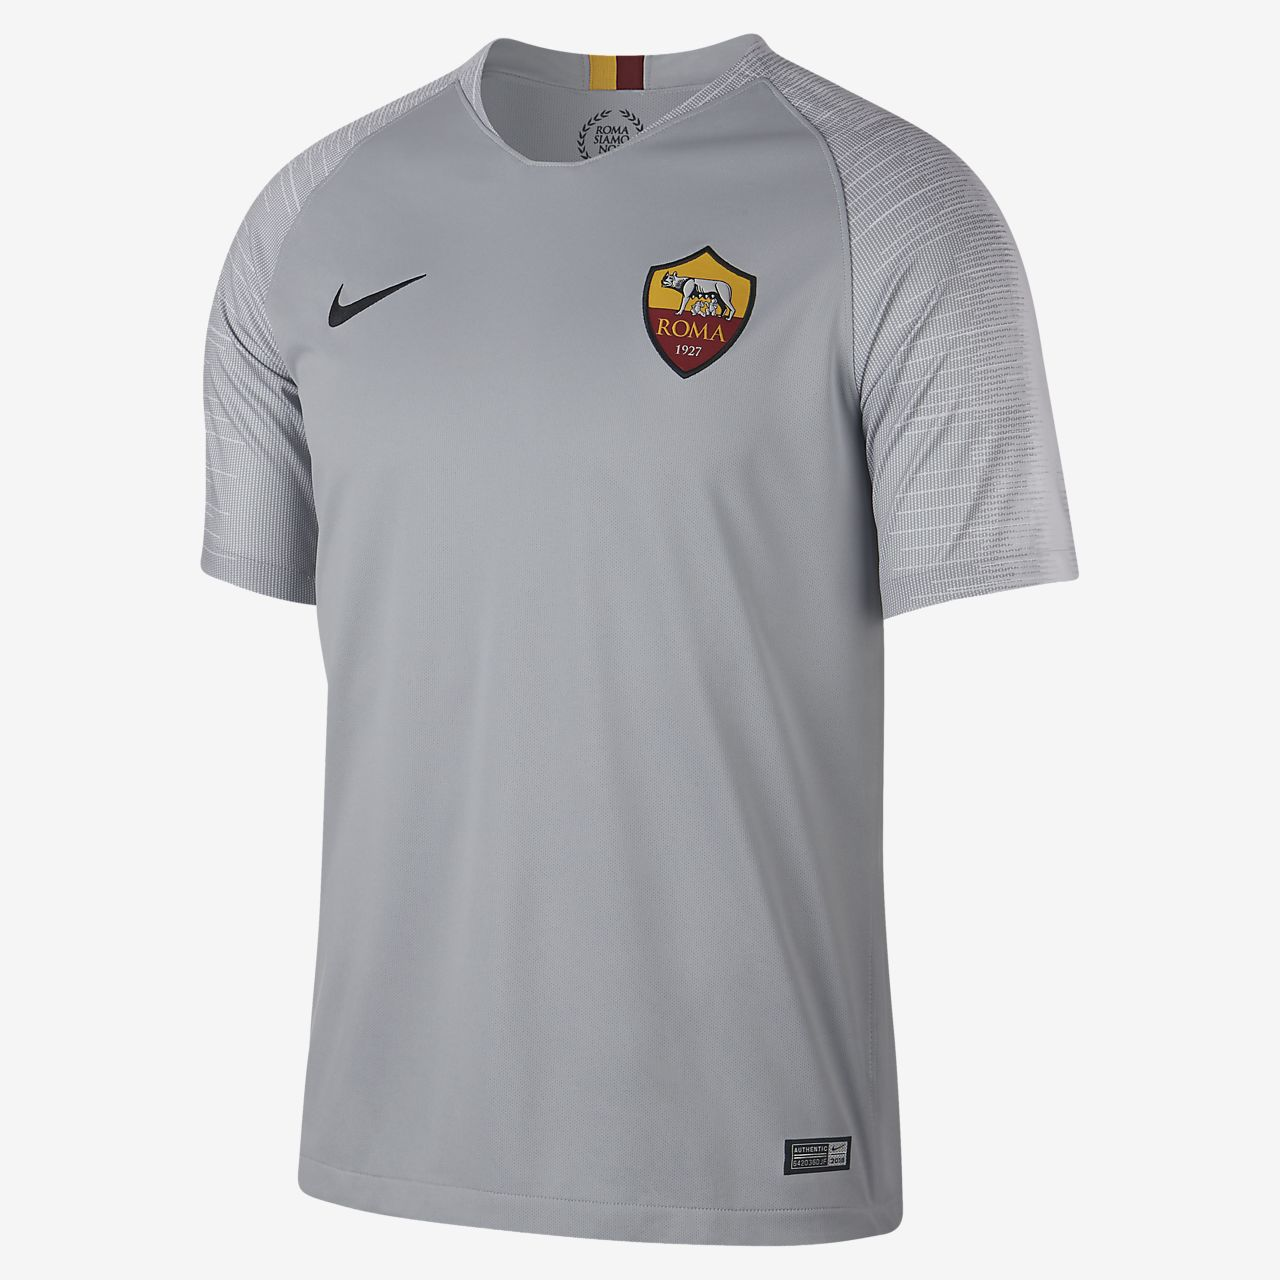 767dbc6156c24 Camiseta de fútbol para hombre 2018 19 A.S. Roma Stadium Away. Nike ...